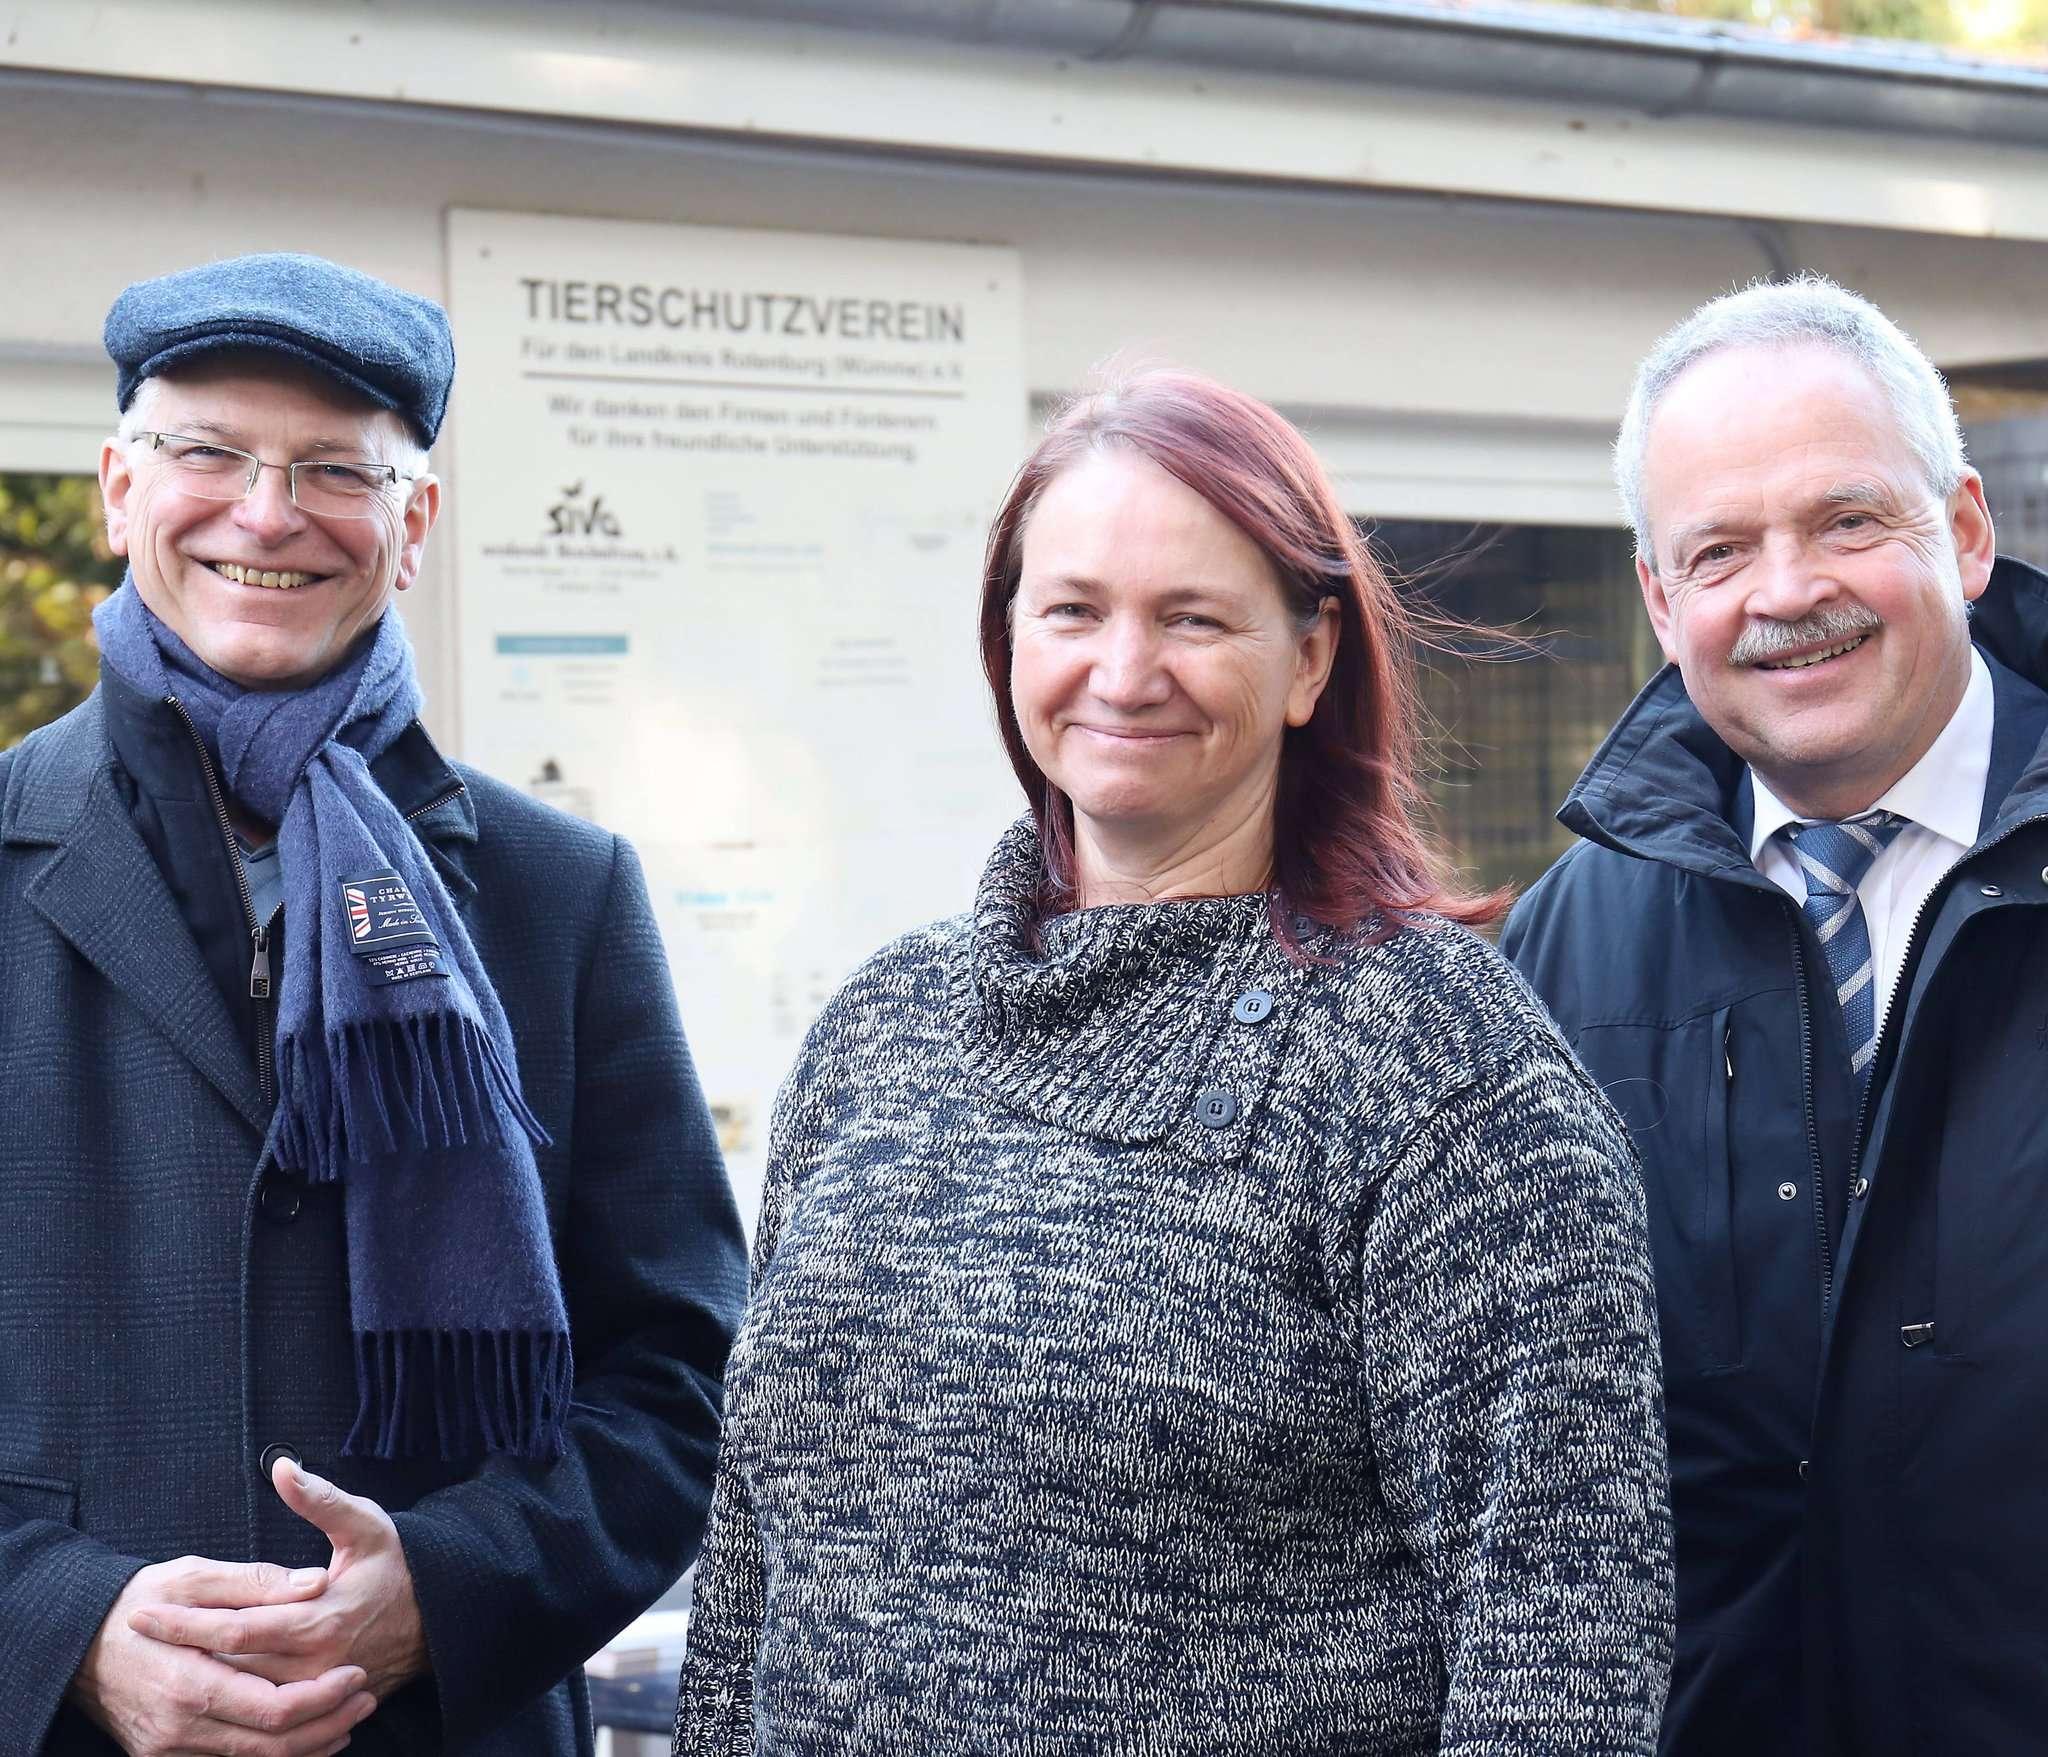 Ordnungsamtsleiter Frank Rütter (links) und Bürgermeister Andreas Weber unterstützen die Arbeit von Silke Wingen vom Tierschutzverein für den Landkreis Rotenburg.